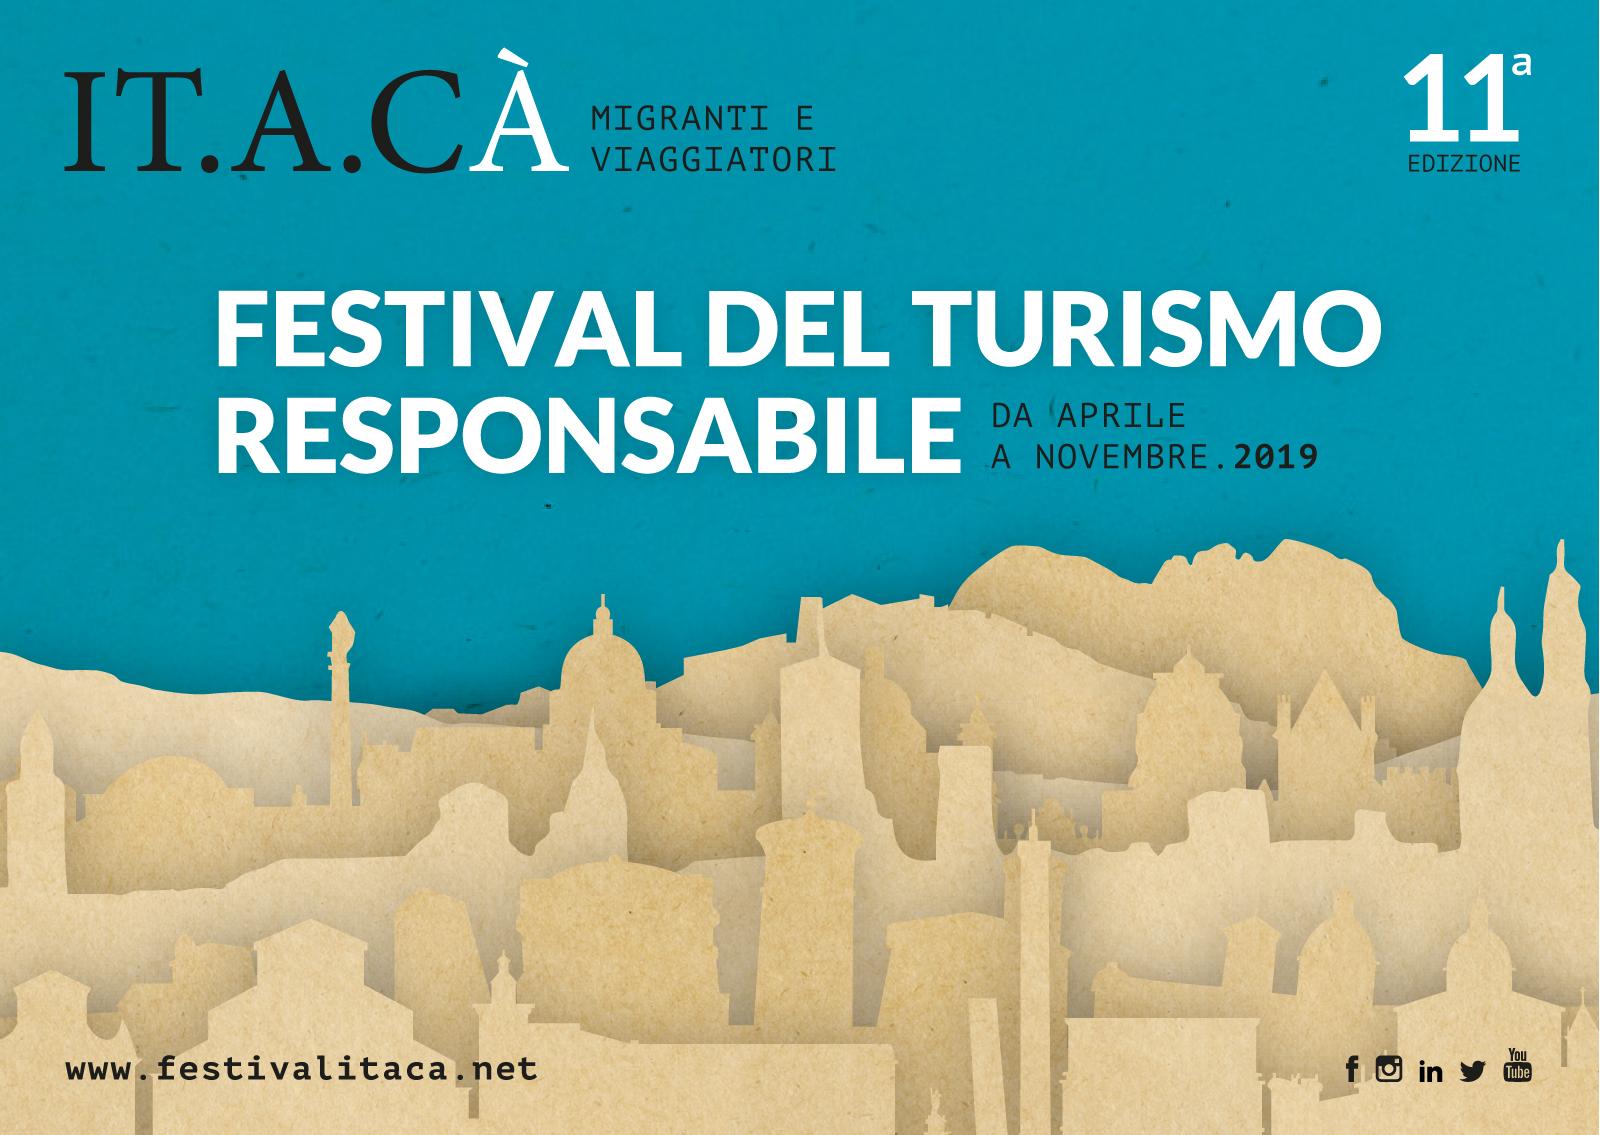 IT.A.Cà Festival del Turismo Responsabile: nel 2019 il tema è la restanza